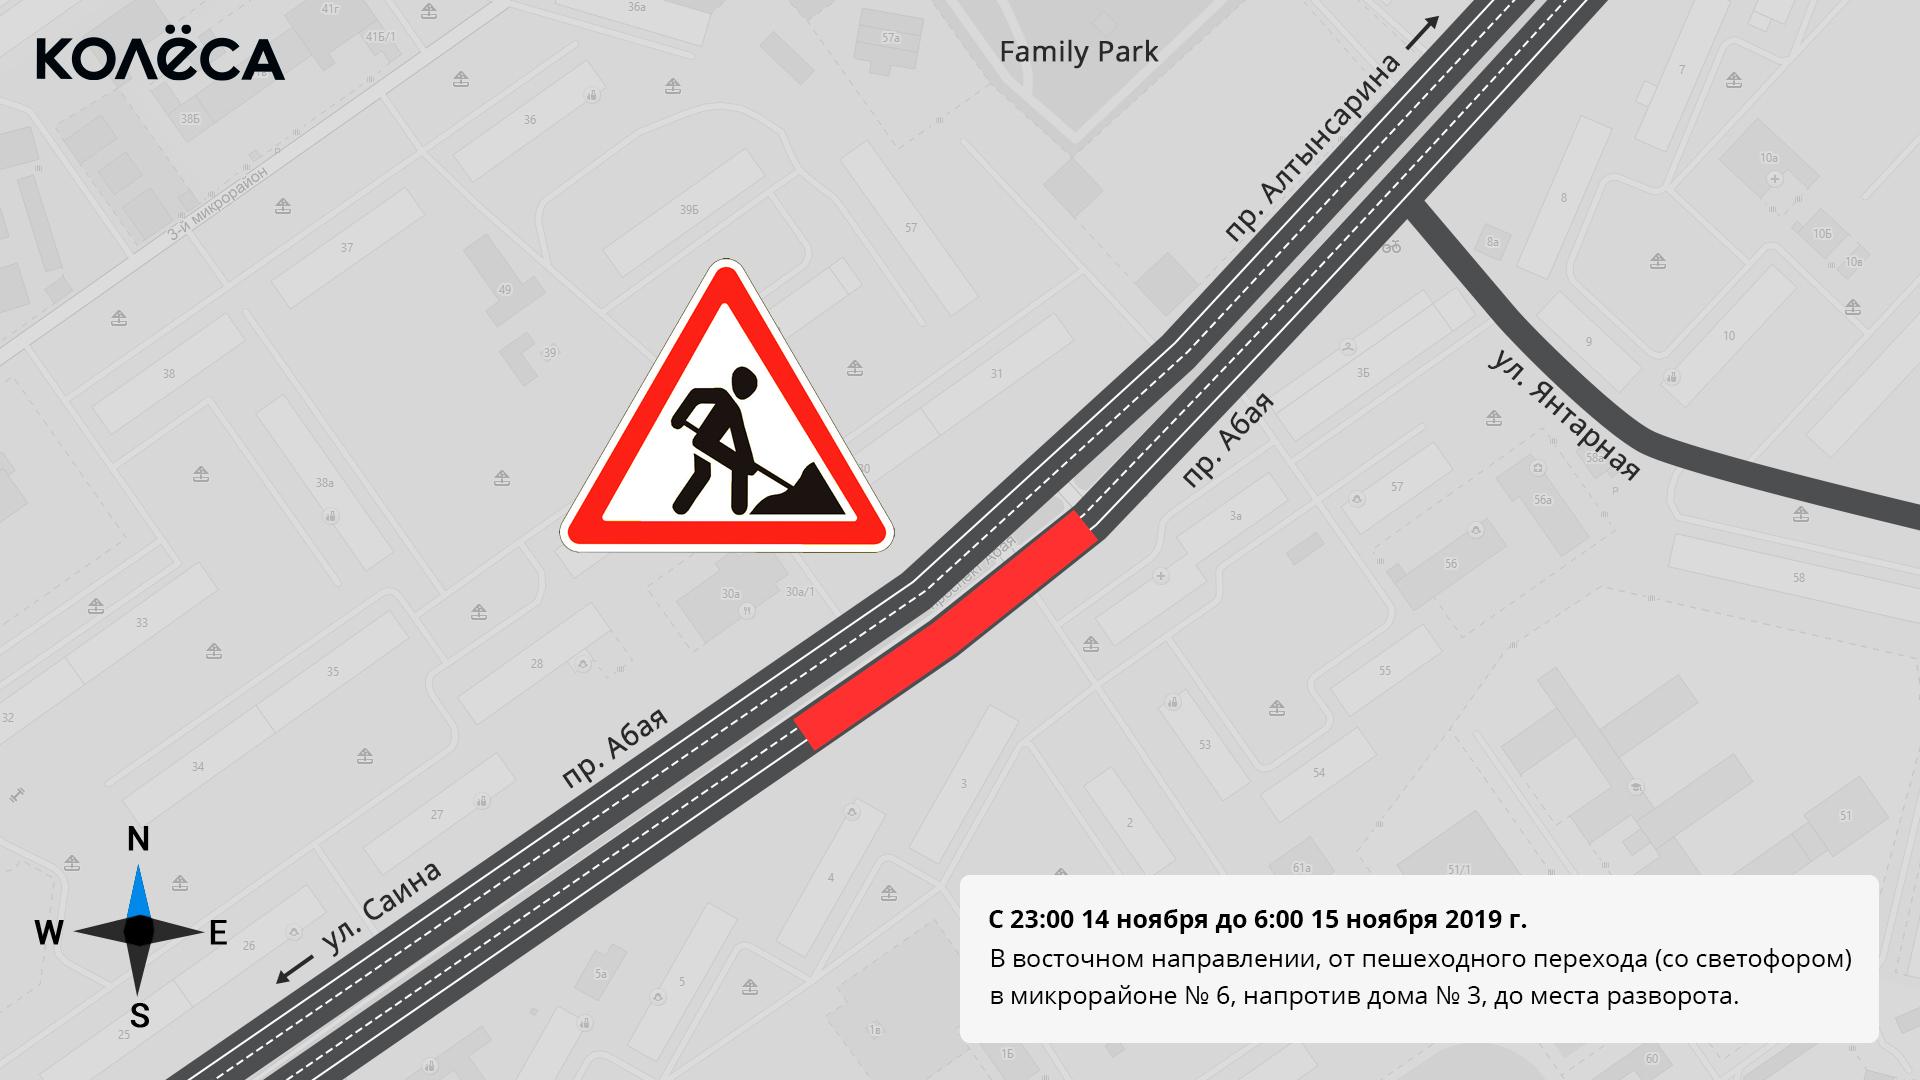 Проспект Абая в районе Family Park перекроют в Алматы